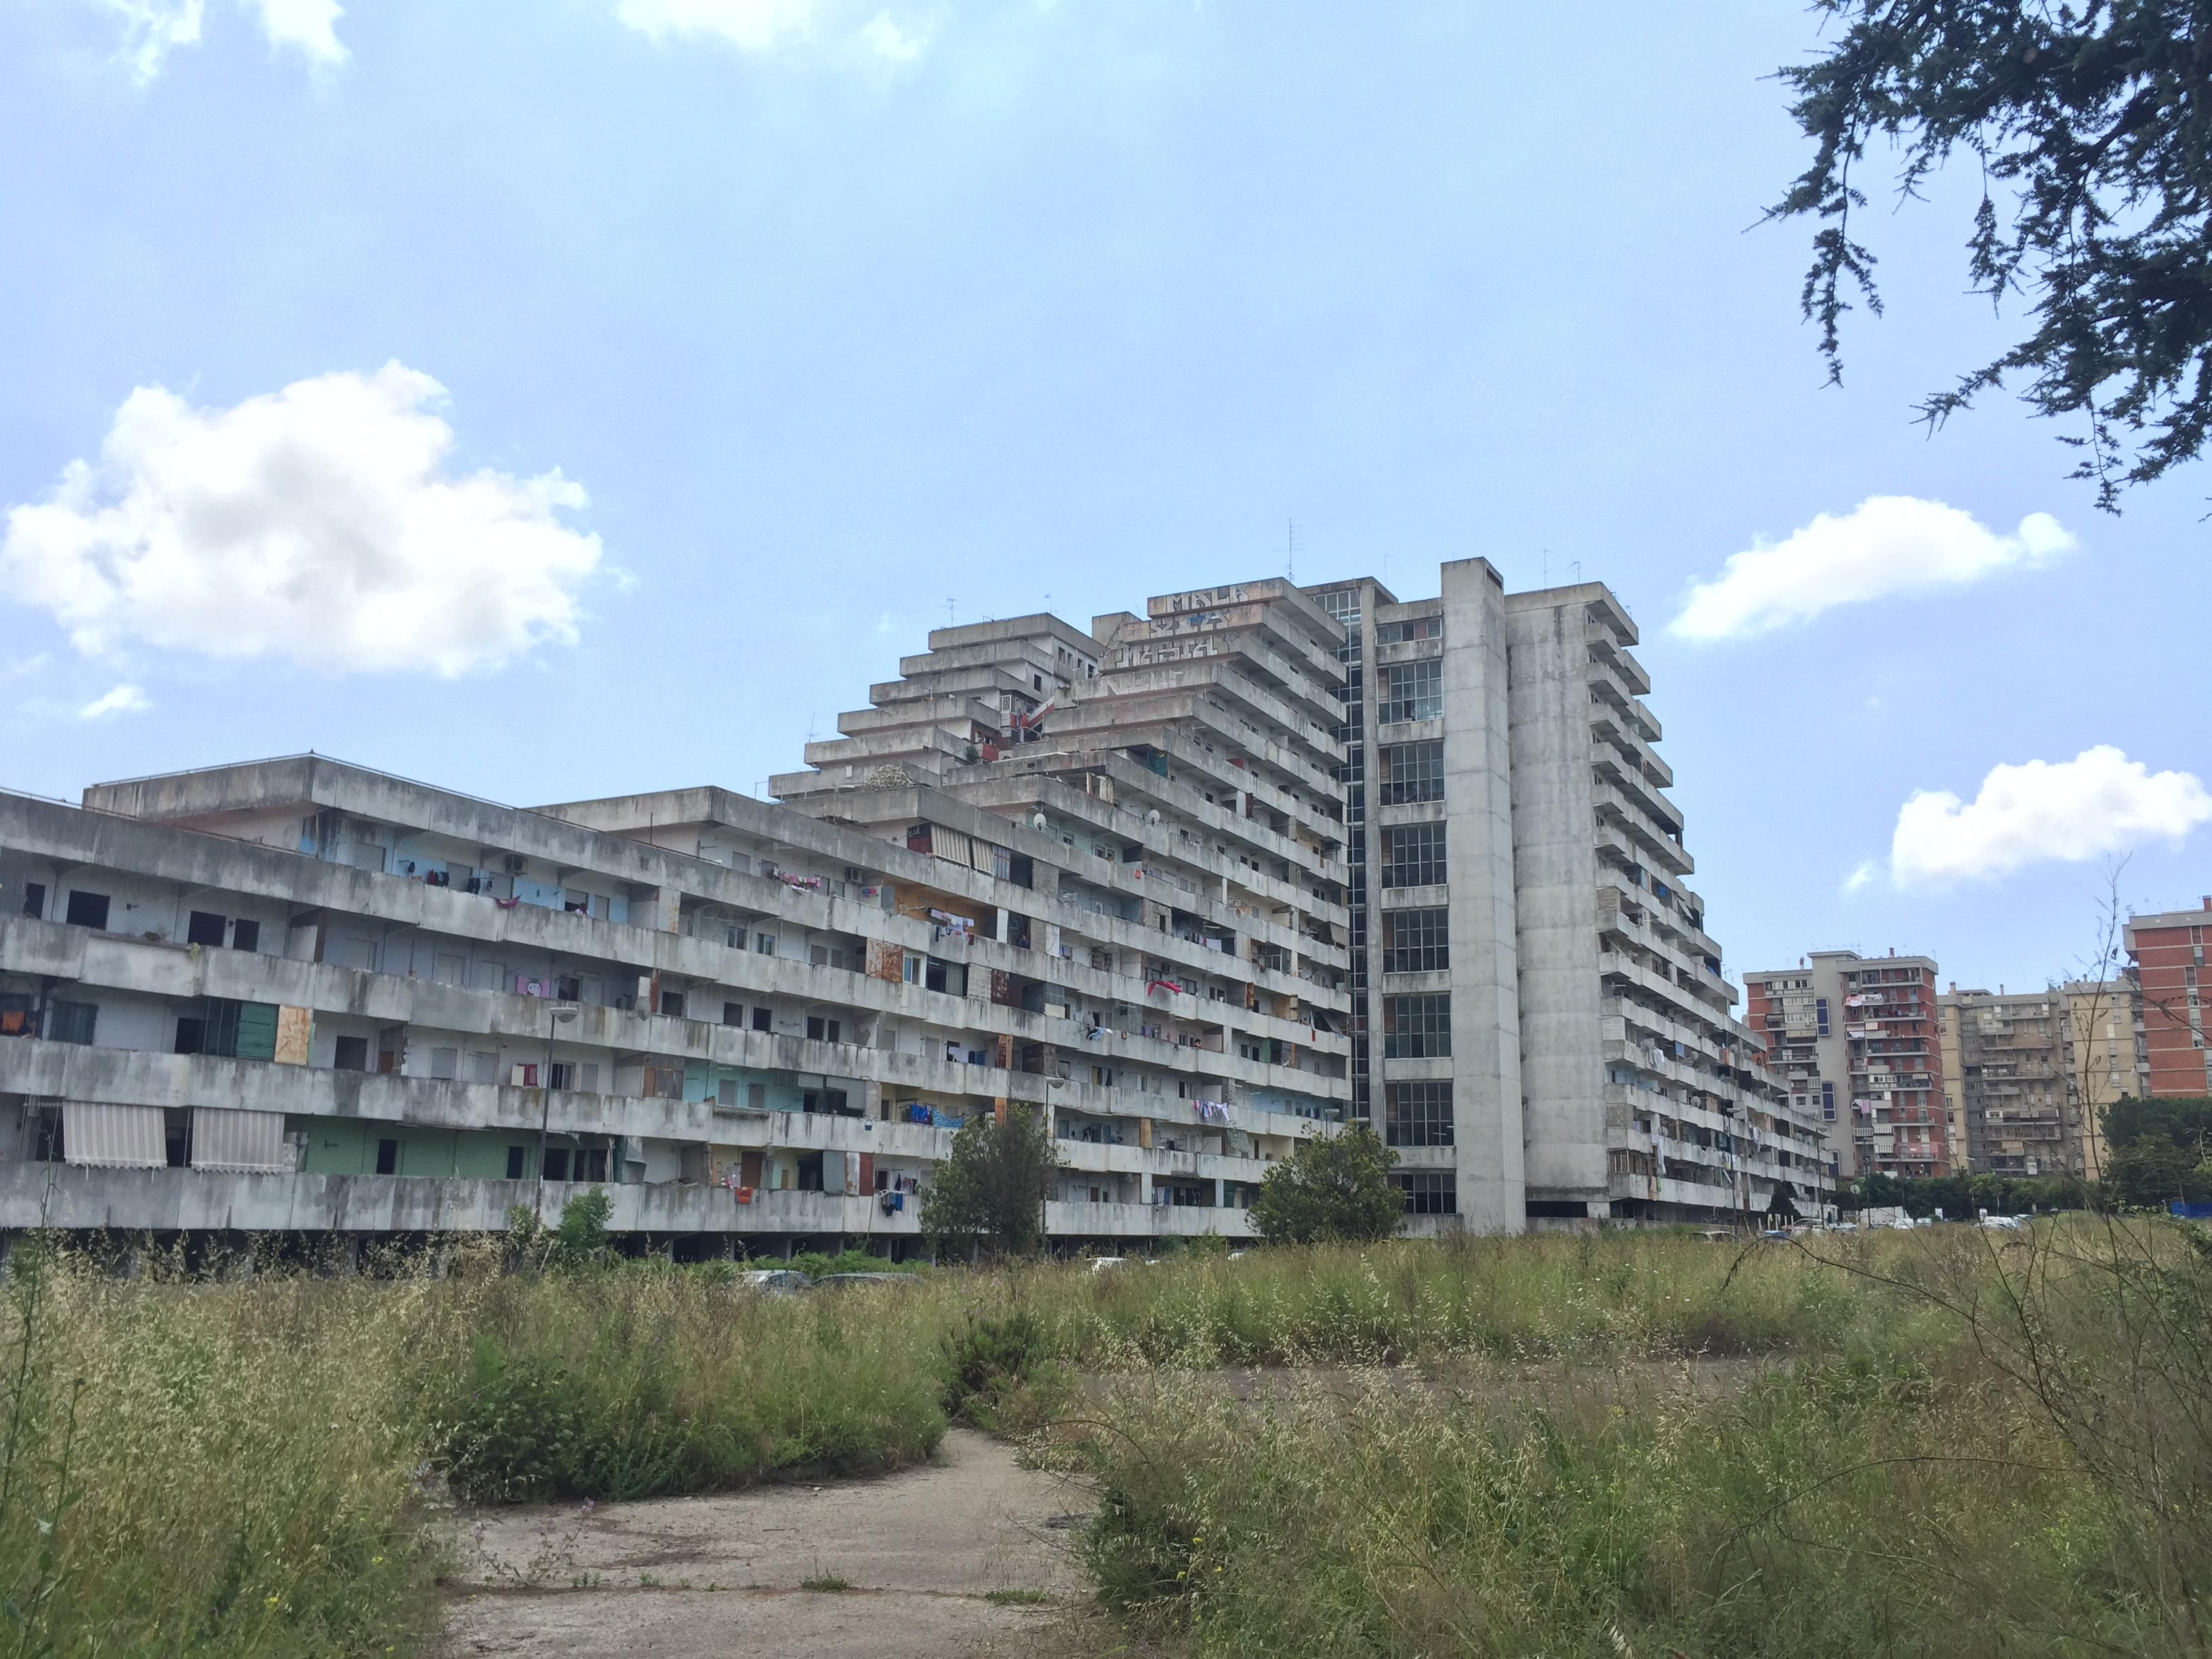 Les « vele », logements sociaux typiques de Scampia. Crédit Jules Coussement